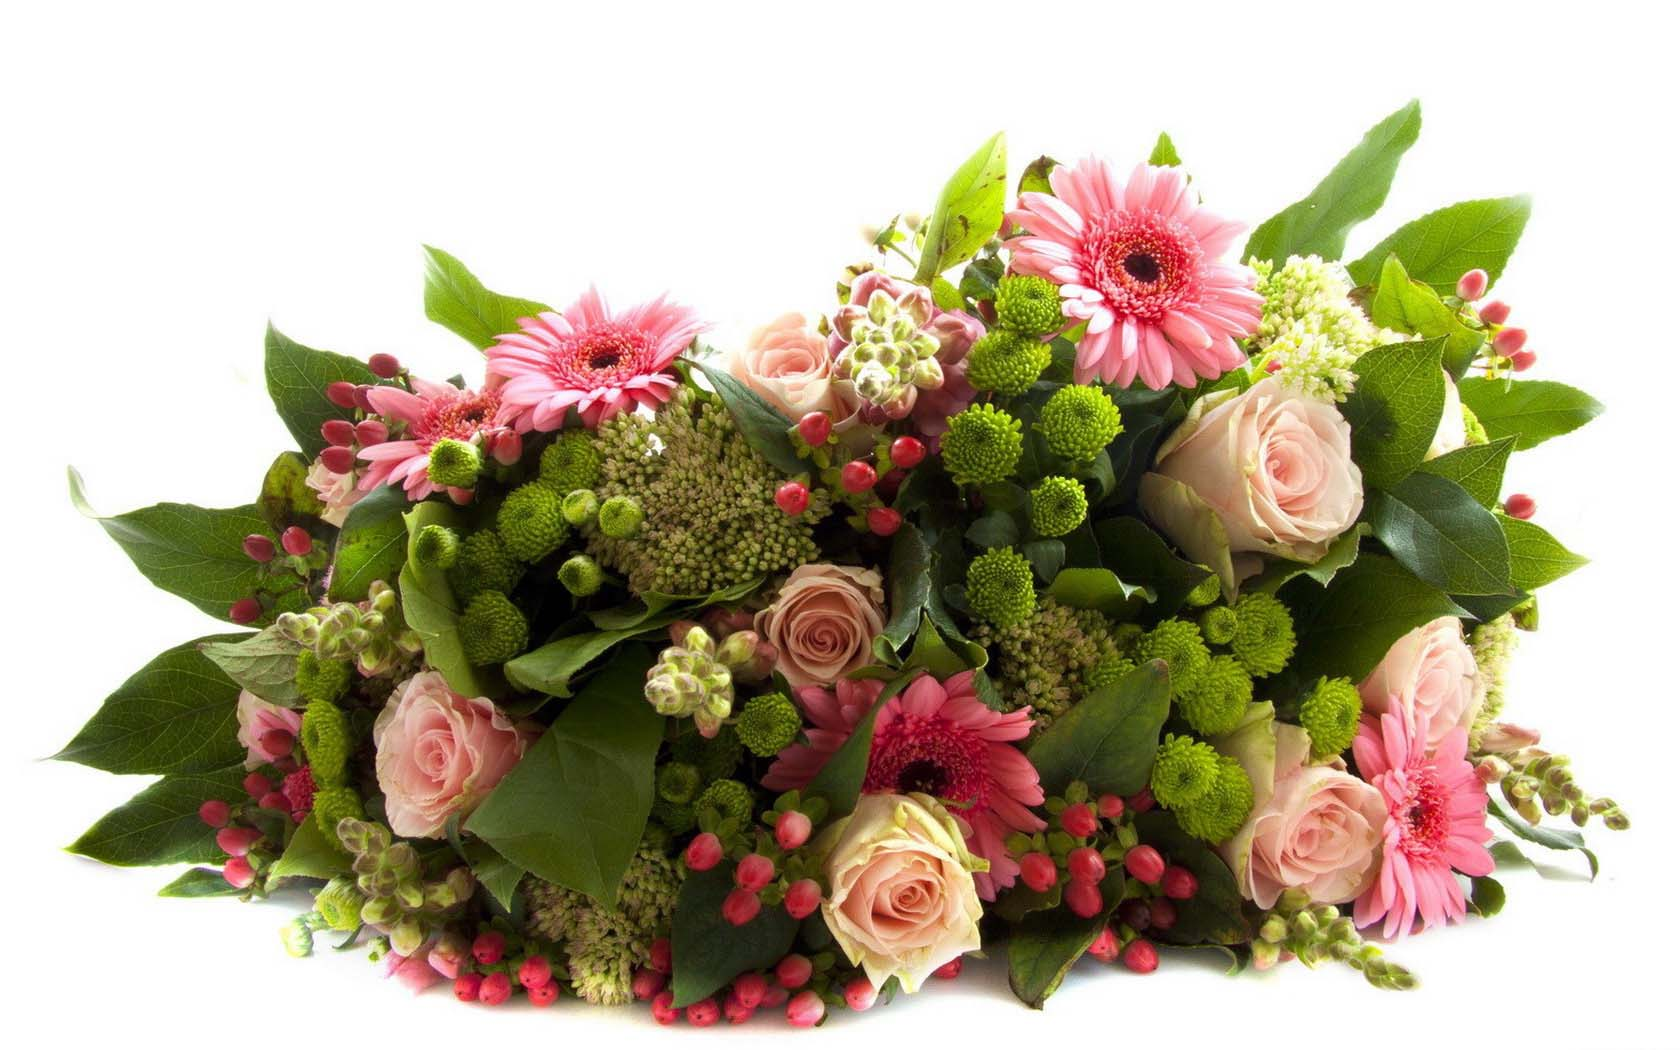 Купить срезанные цветы по низким ценам в Екатеринбурге